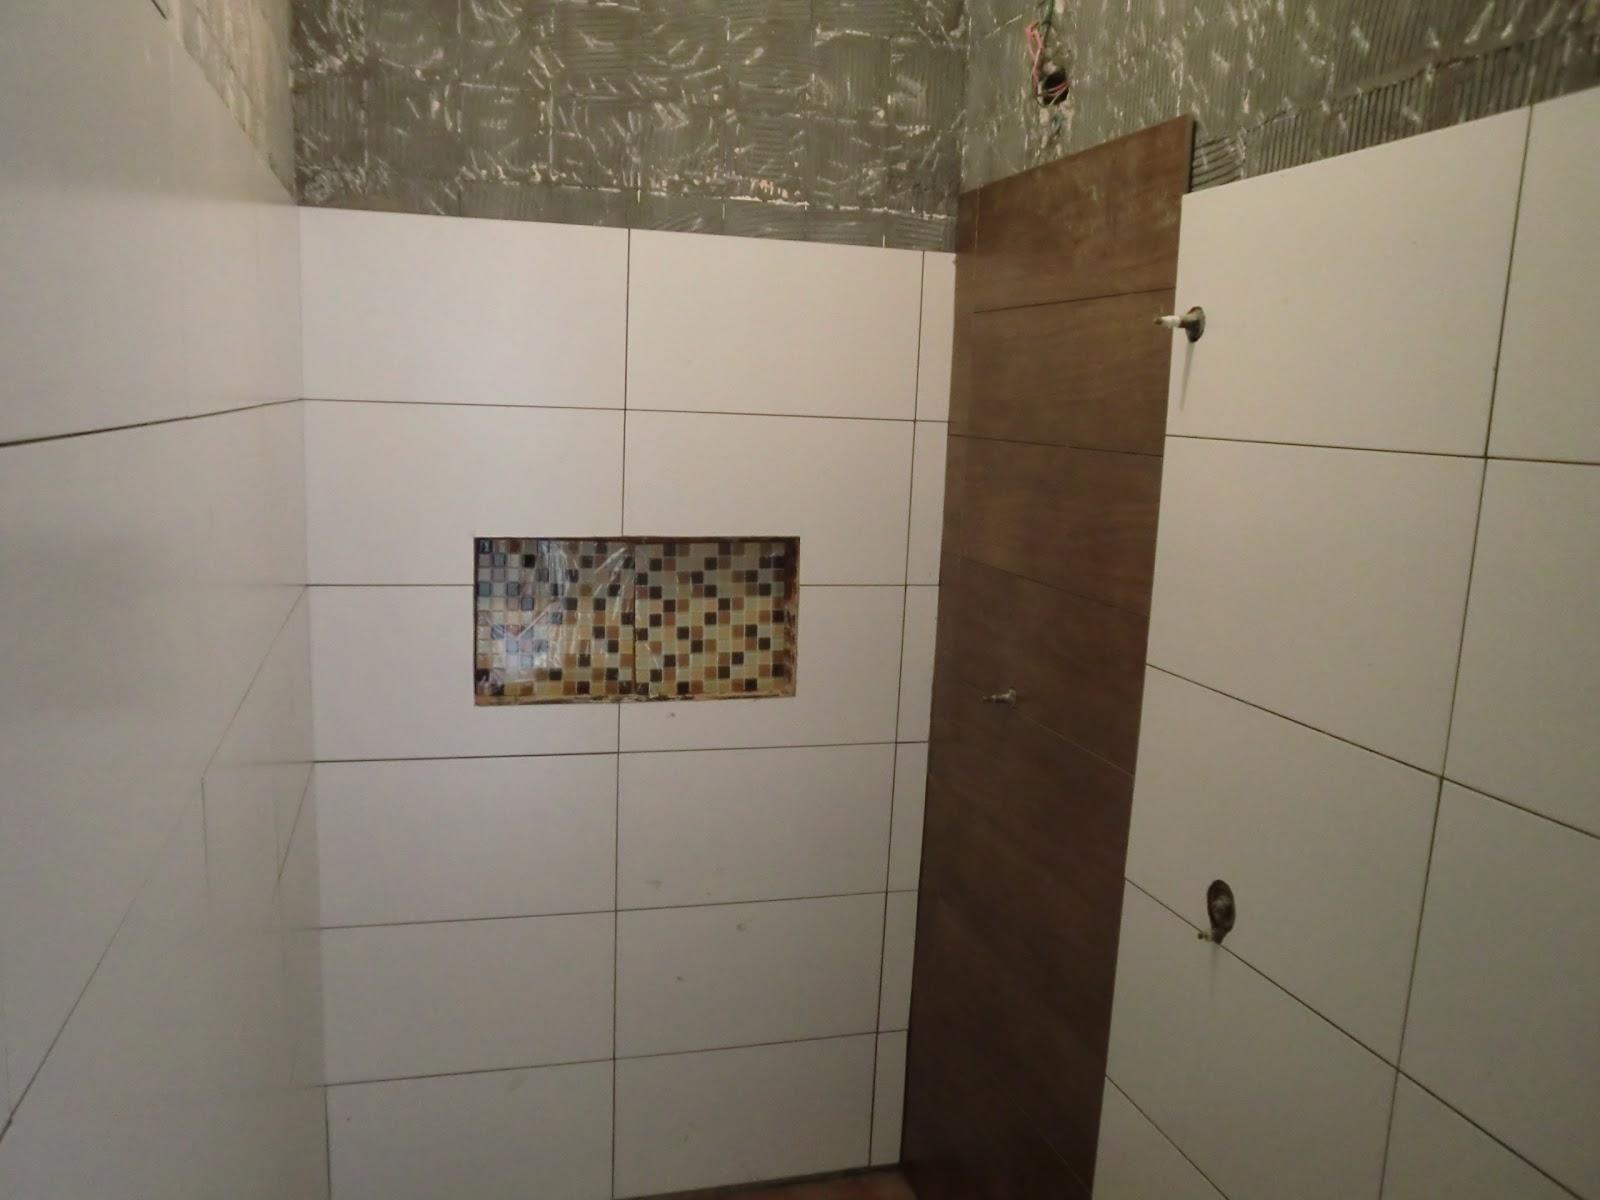 detalhes do chuveiro em madeira e nicho funcional em pastilha de vidro #3C2C1F 1600x1200 Banheiro Com Porcelanato Madeira